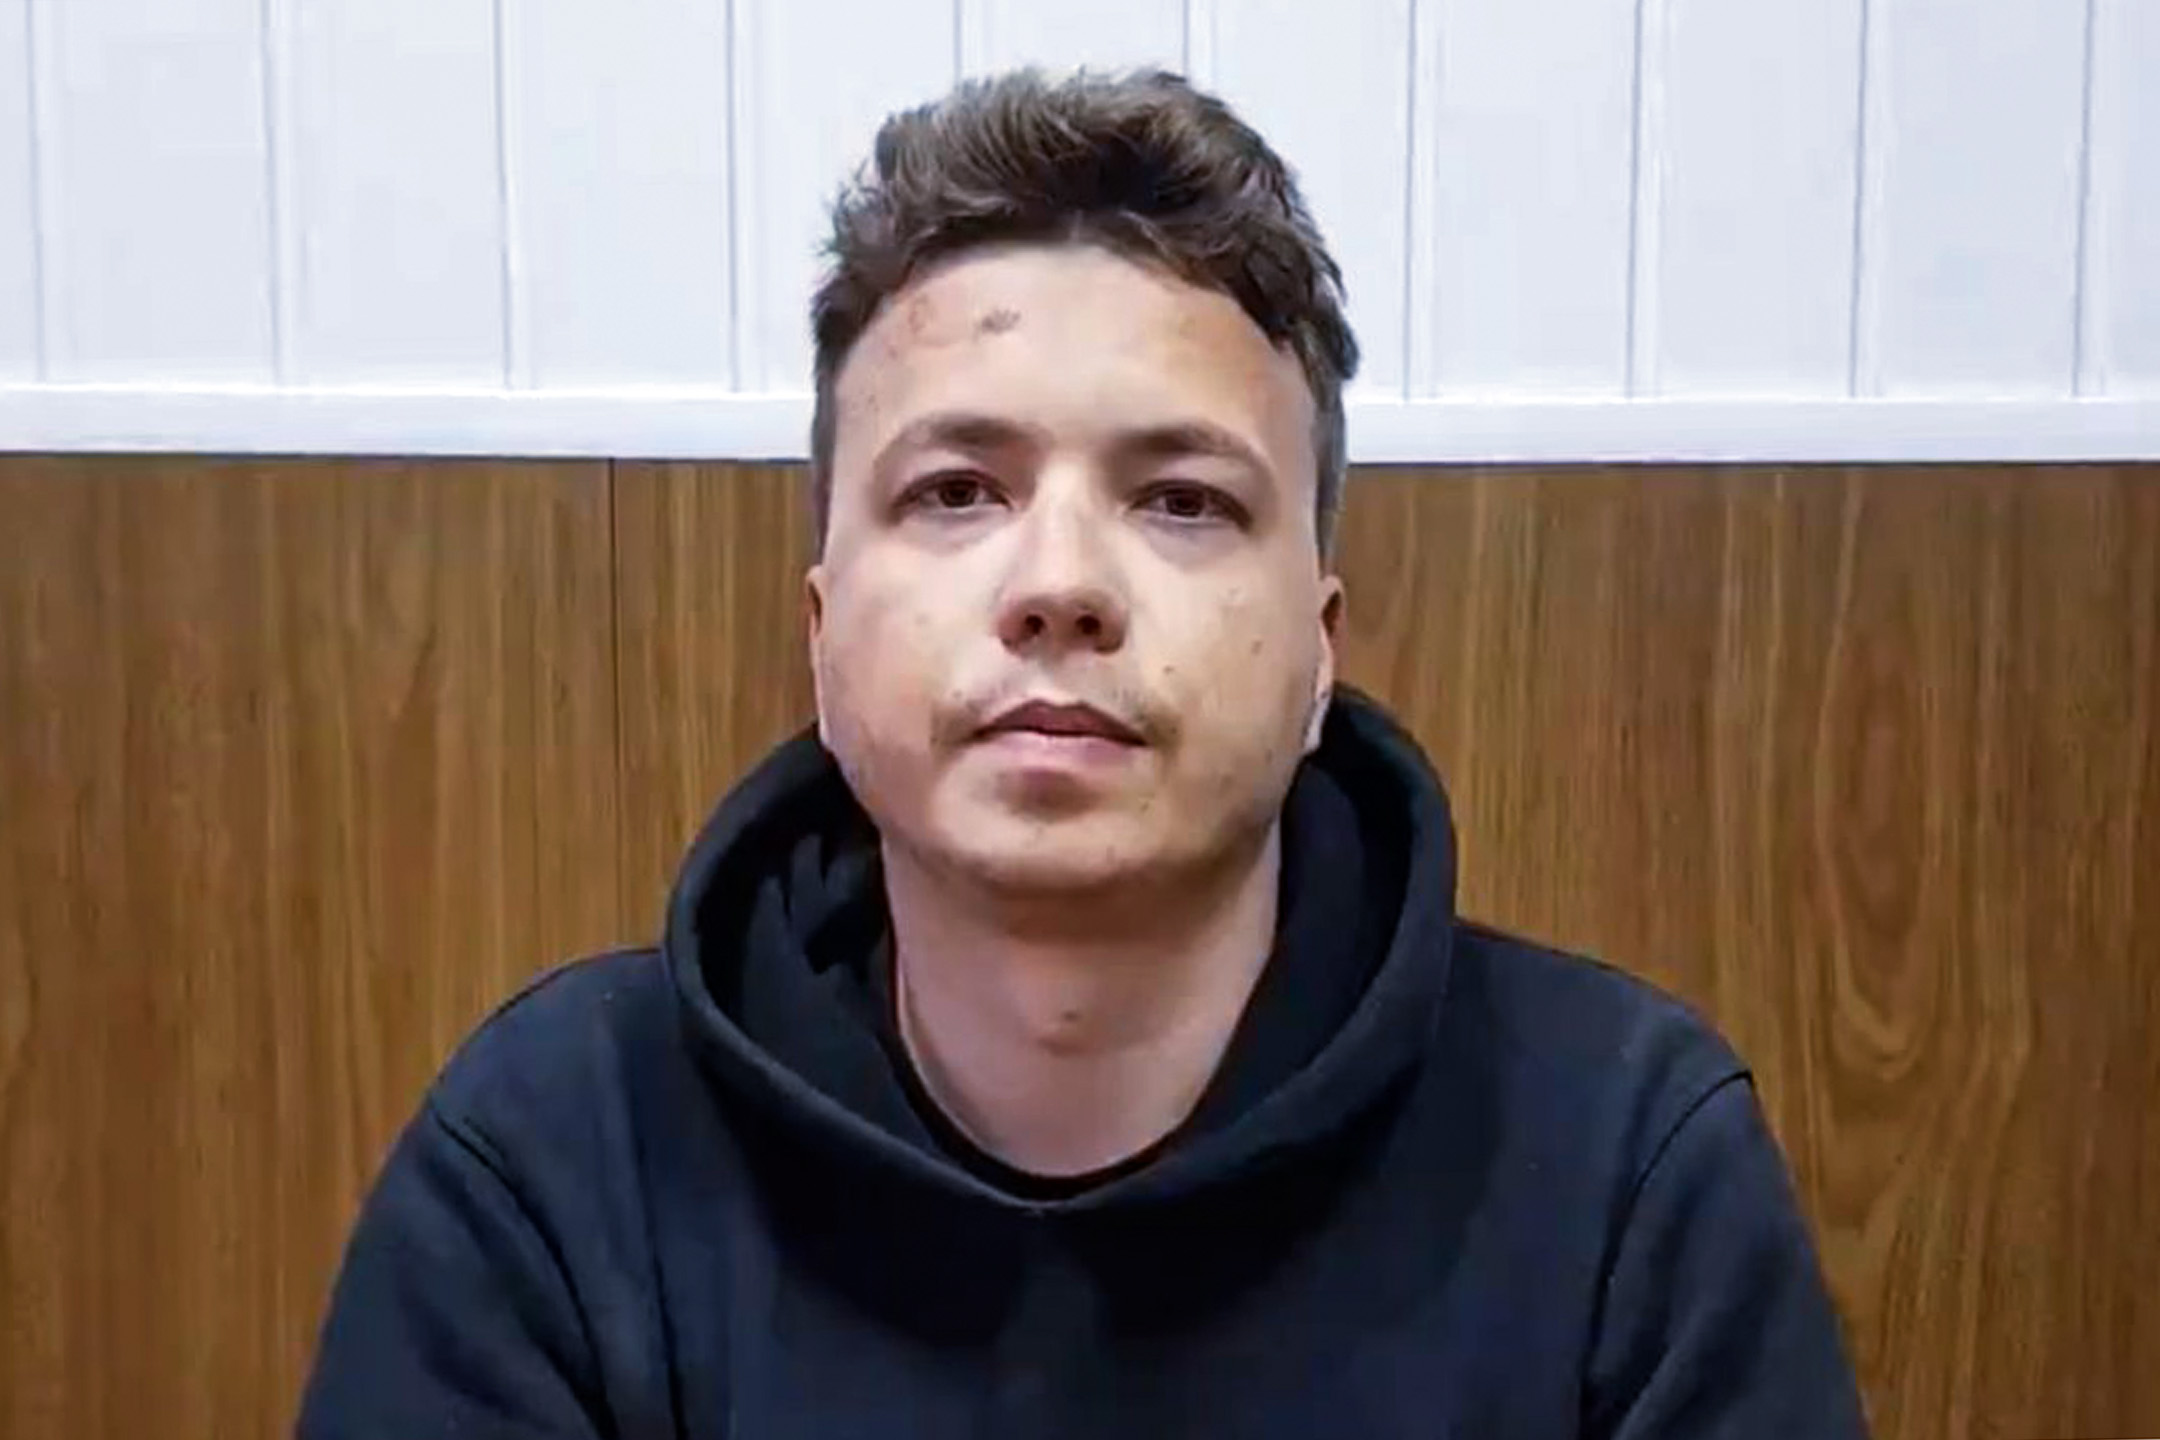 2021年5月24日,白羅斯26歲被捕異見記者羅曼·普羅塔塞維奇(Roman Protasevich)錄像。 圖片來自錄像截圖。